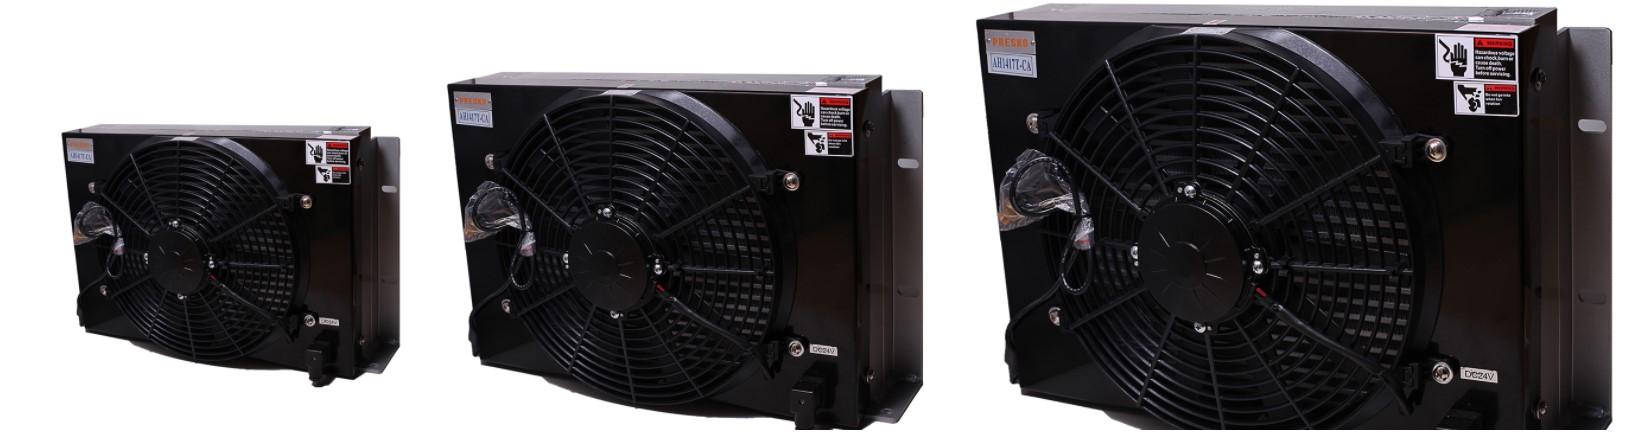 масляный радиатор Охладитель гидравлического масла (радиатор)